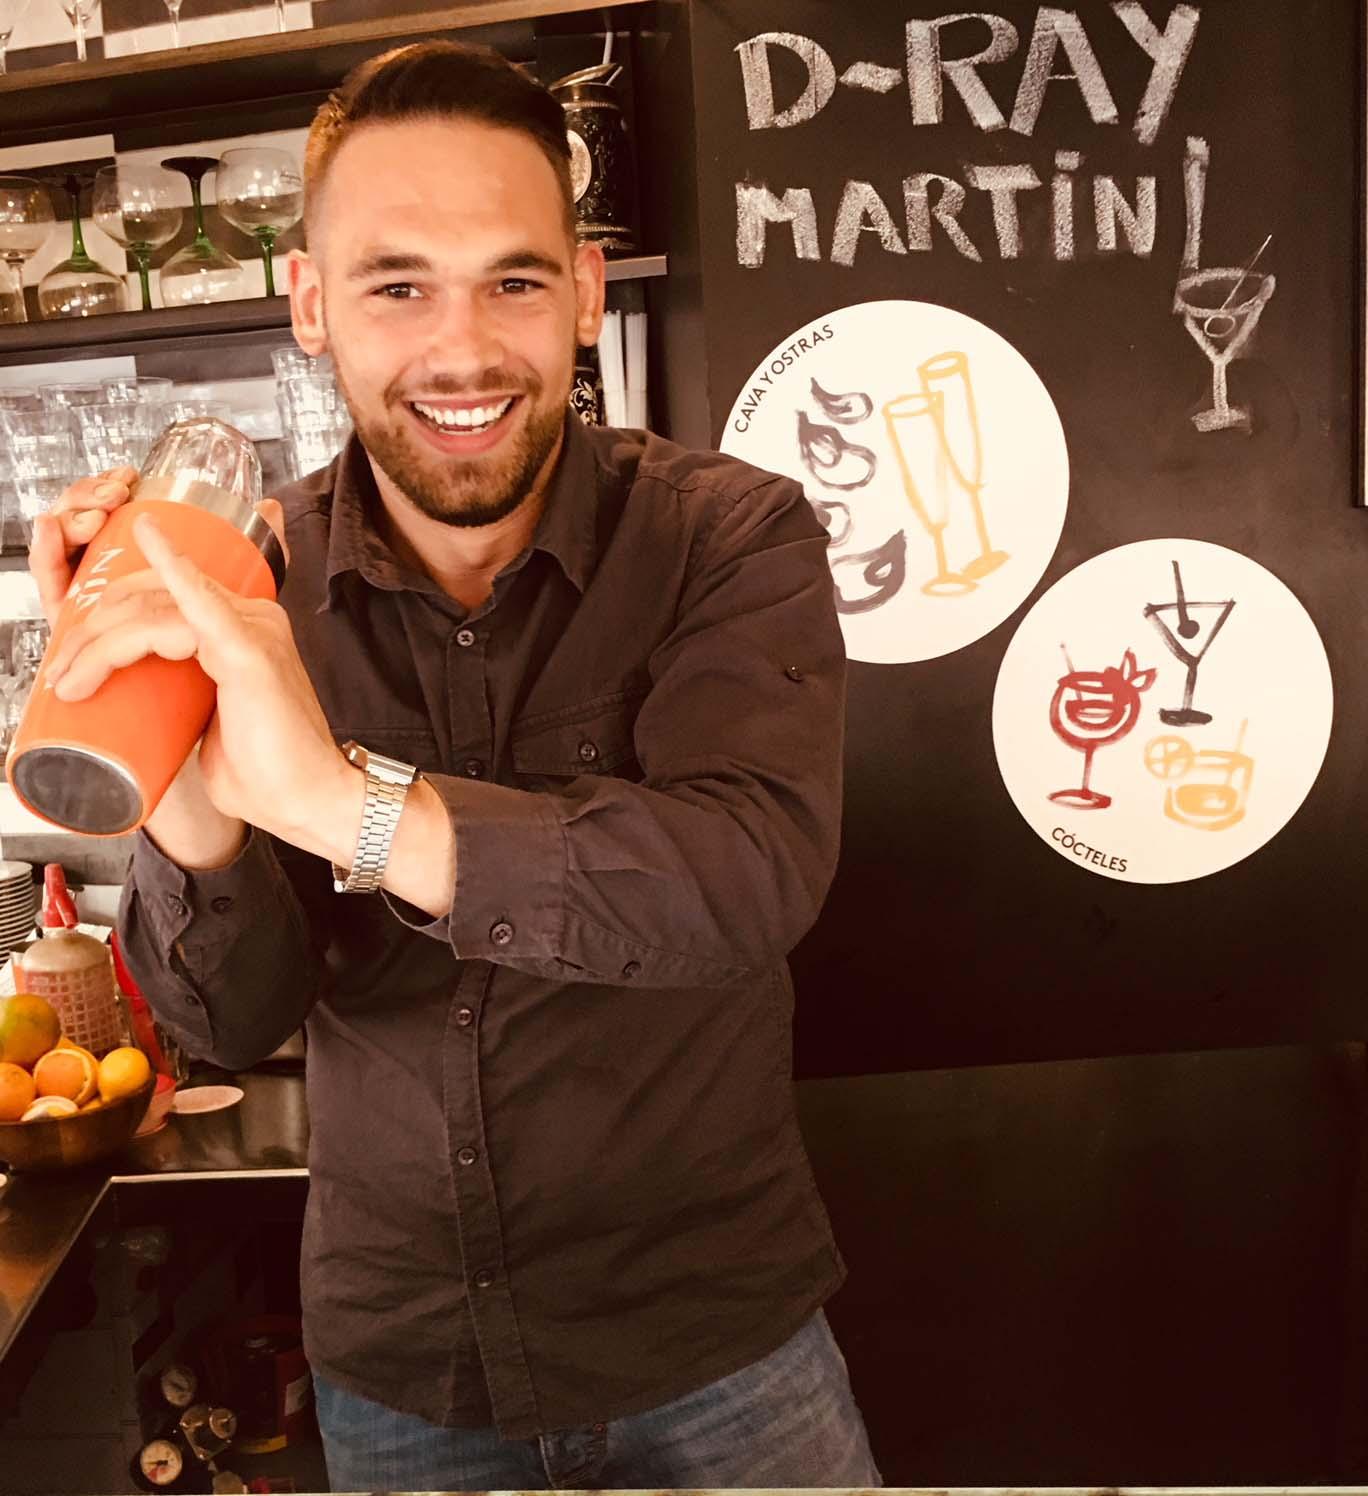 Chico Bar, tu restaurante de tapas en Barcelona, te presenta a su equipo. Esta semana te presentamos a Emanuele Soave.